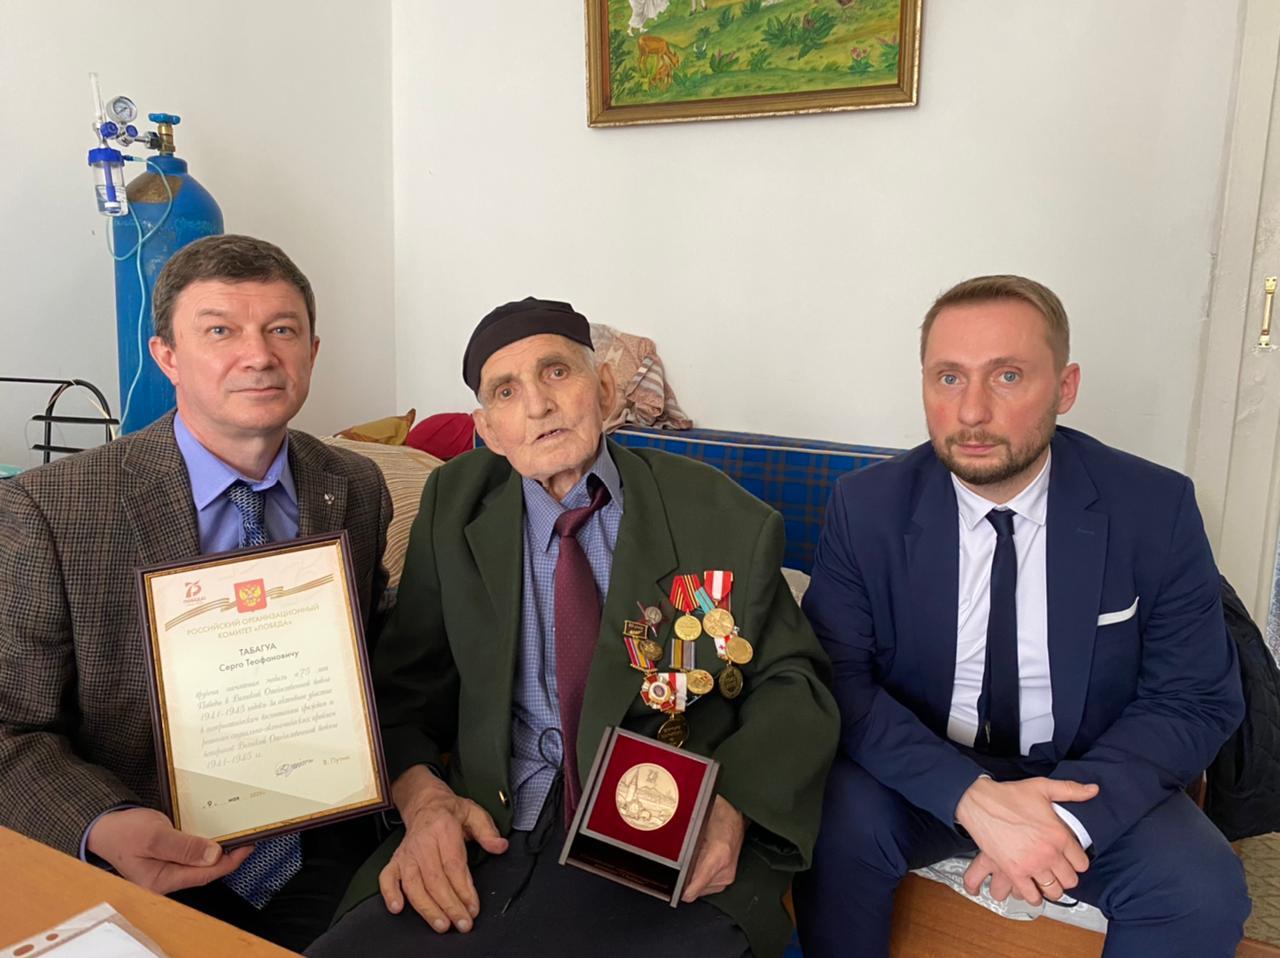 8 апреля с.г. дипломаты Секции интересов посетили проживающего в Батуми участника Великой Отечественной войны С.Т.Табагуа